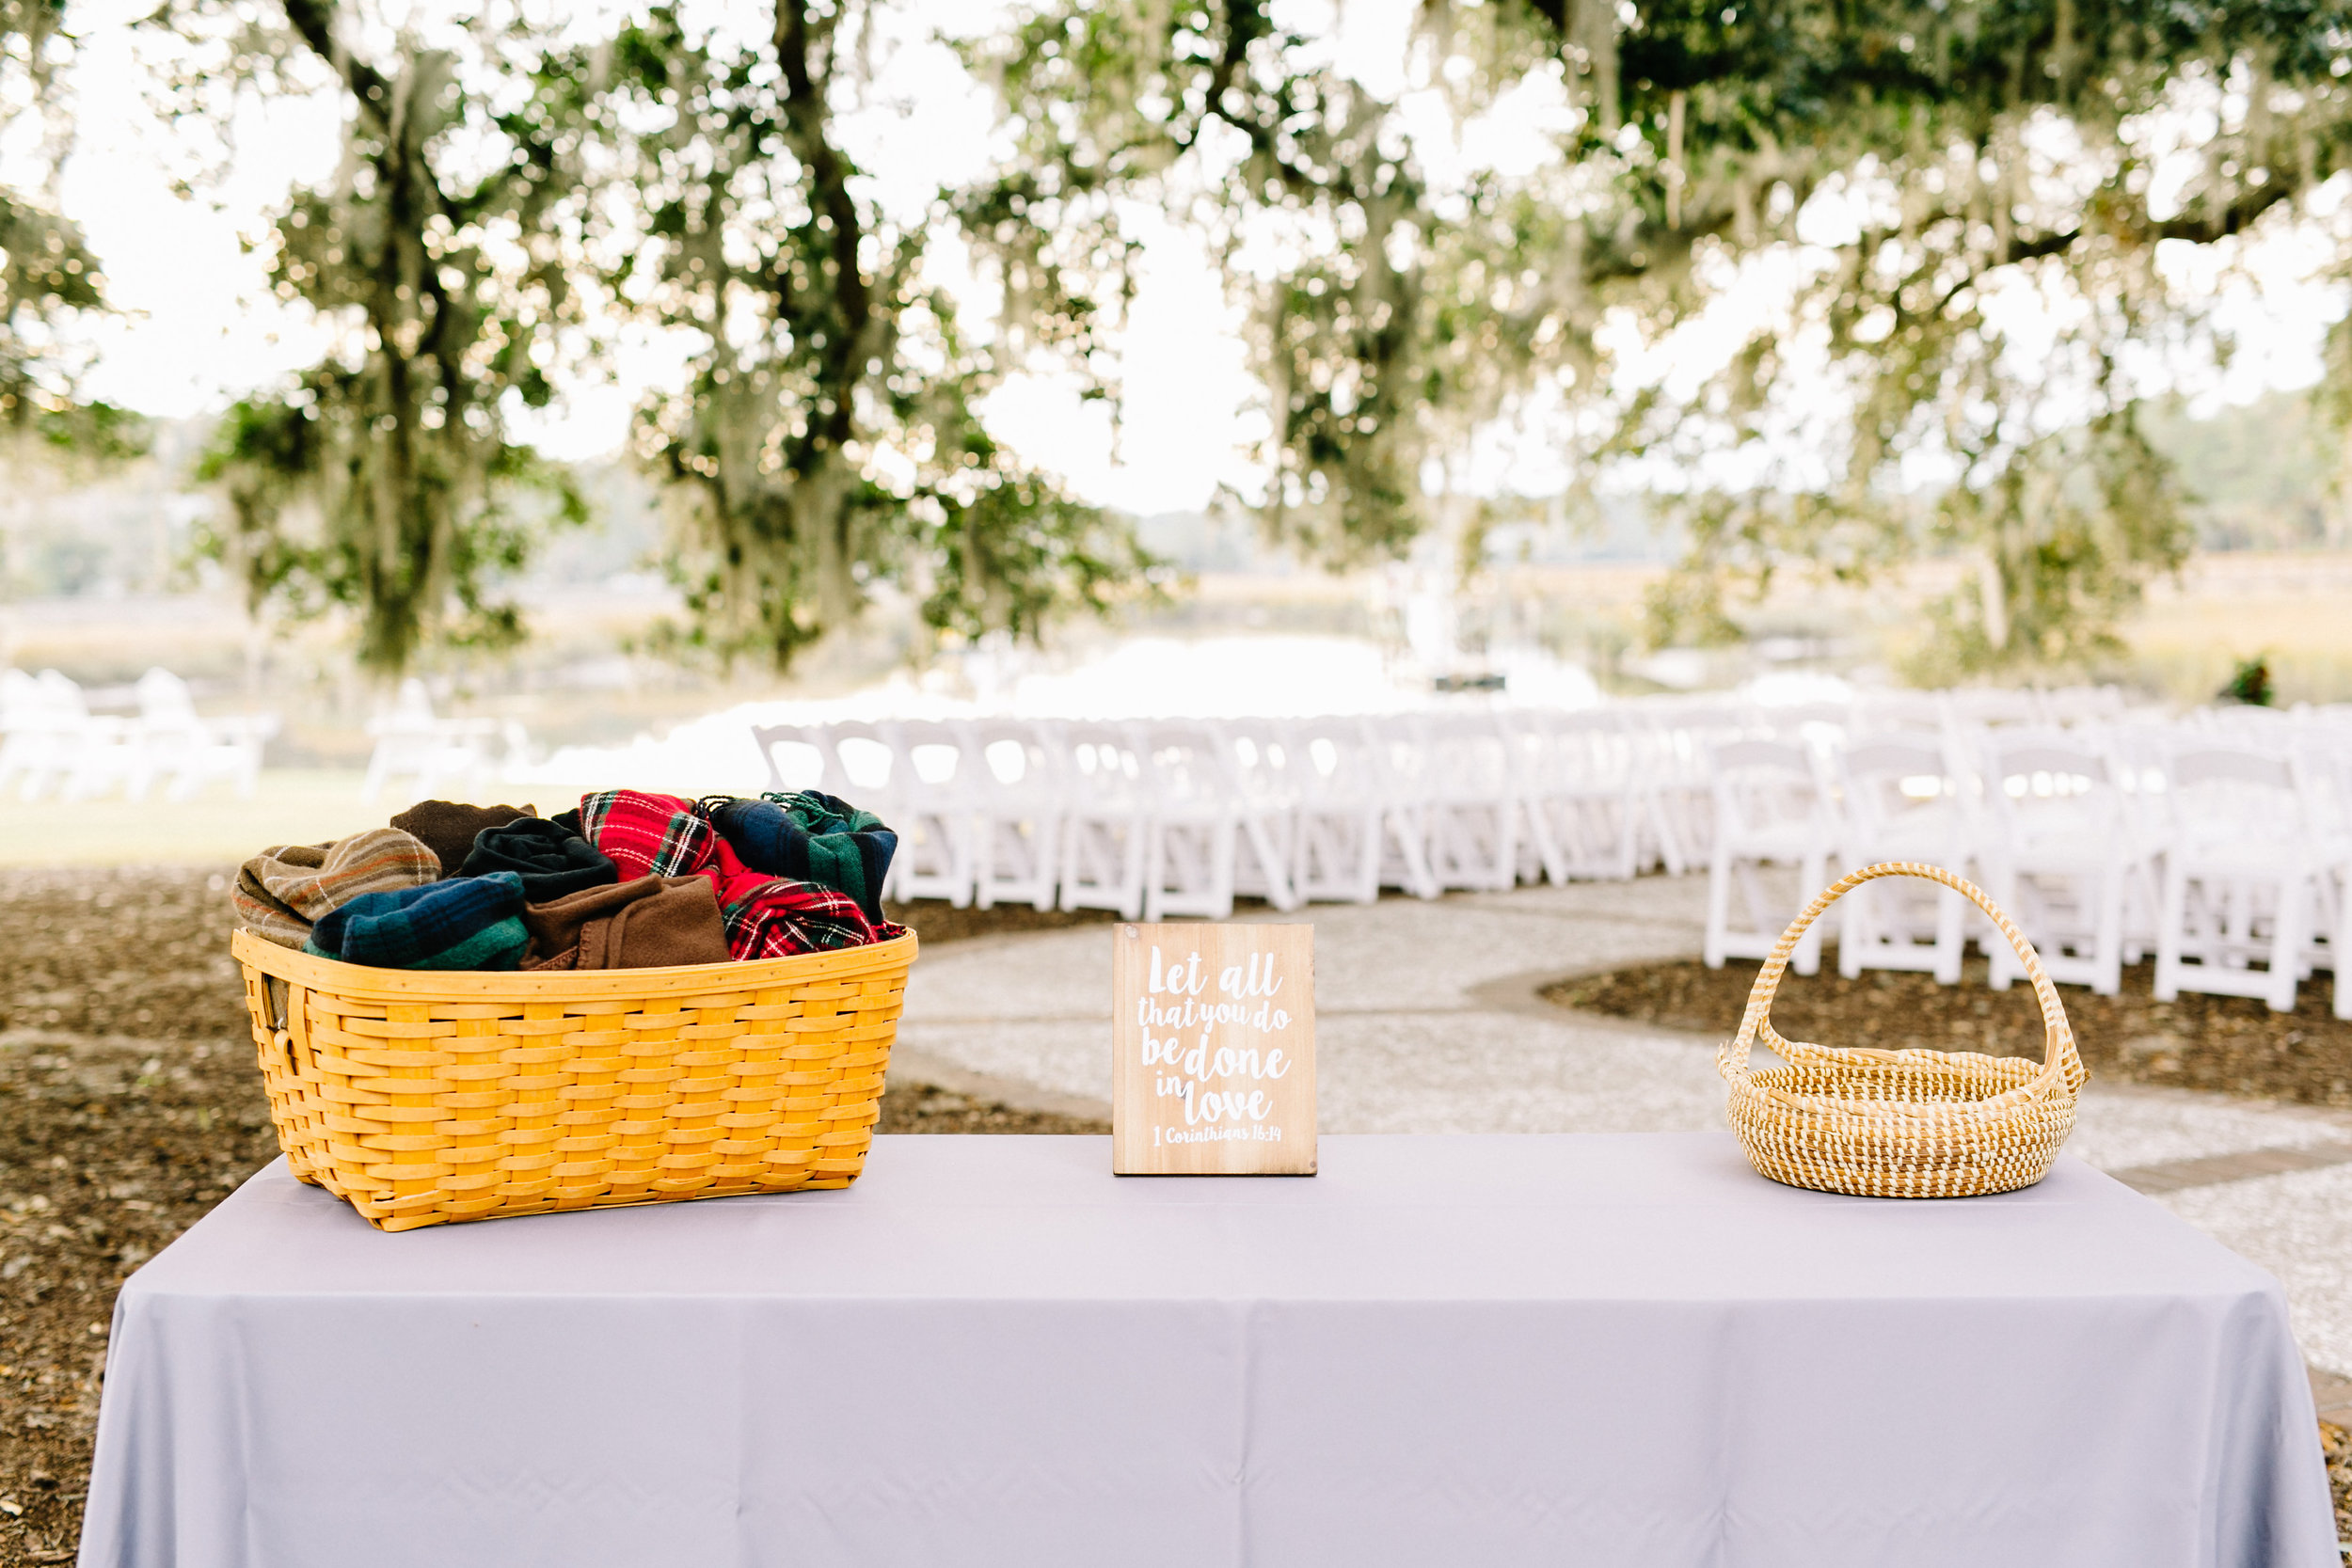 dunes-west-wedding-5(2).jpg